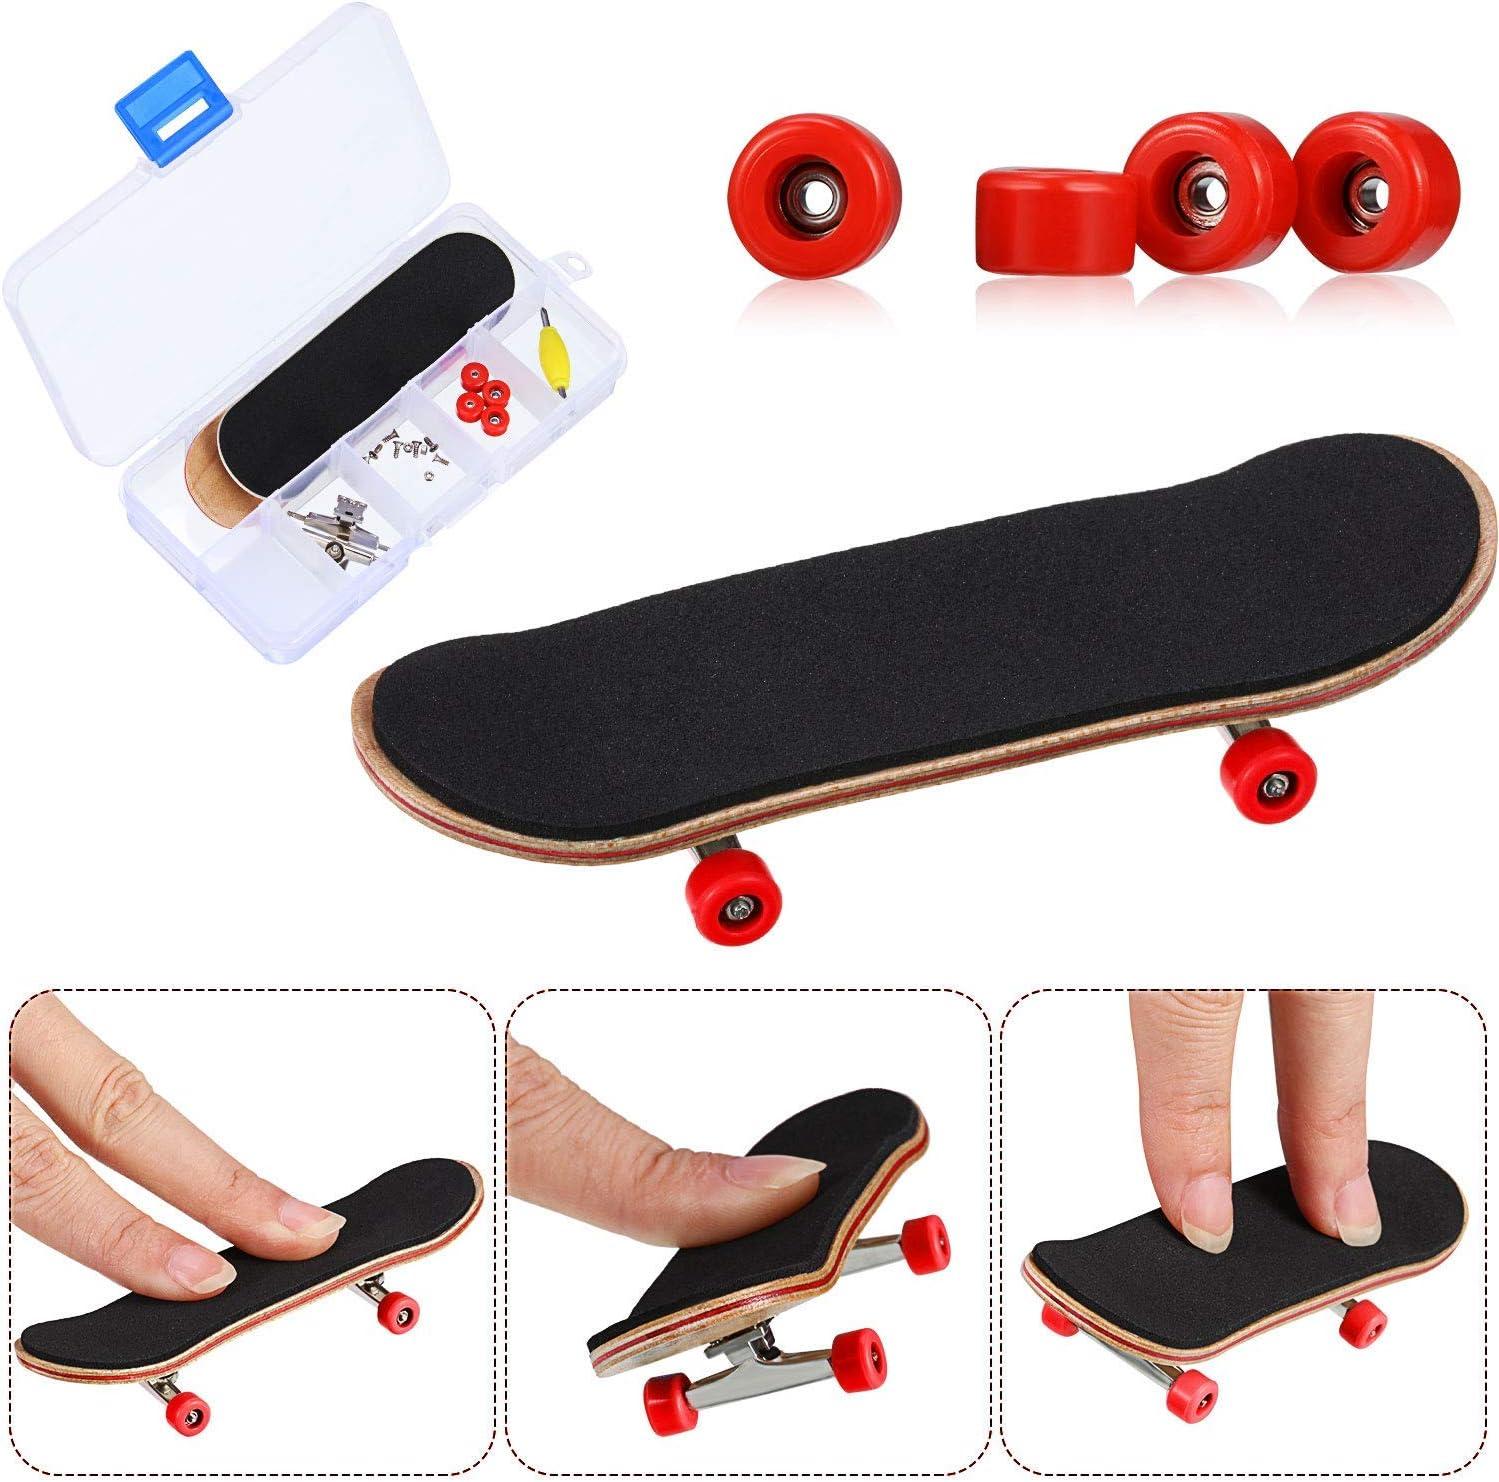 Rouge Planche /à roulettes de Doigt /Érable Wood Ensemble de Bricolage Finger Skateboards Skatepark Finger Skate Boarding Jouets Jeux de Sport Cadeau de Noel pour Enfants QNFY Mini Fingerboard